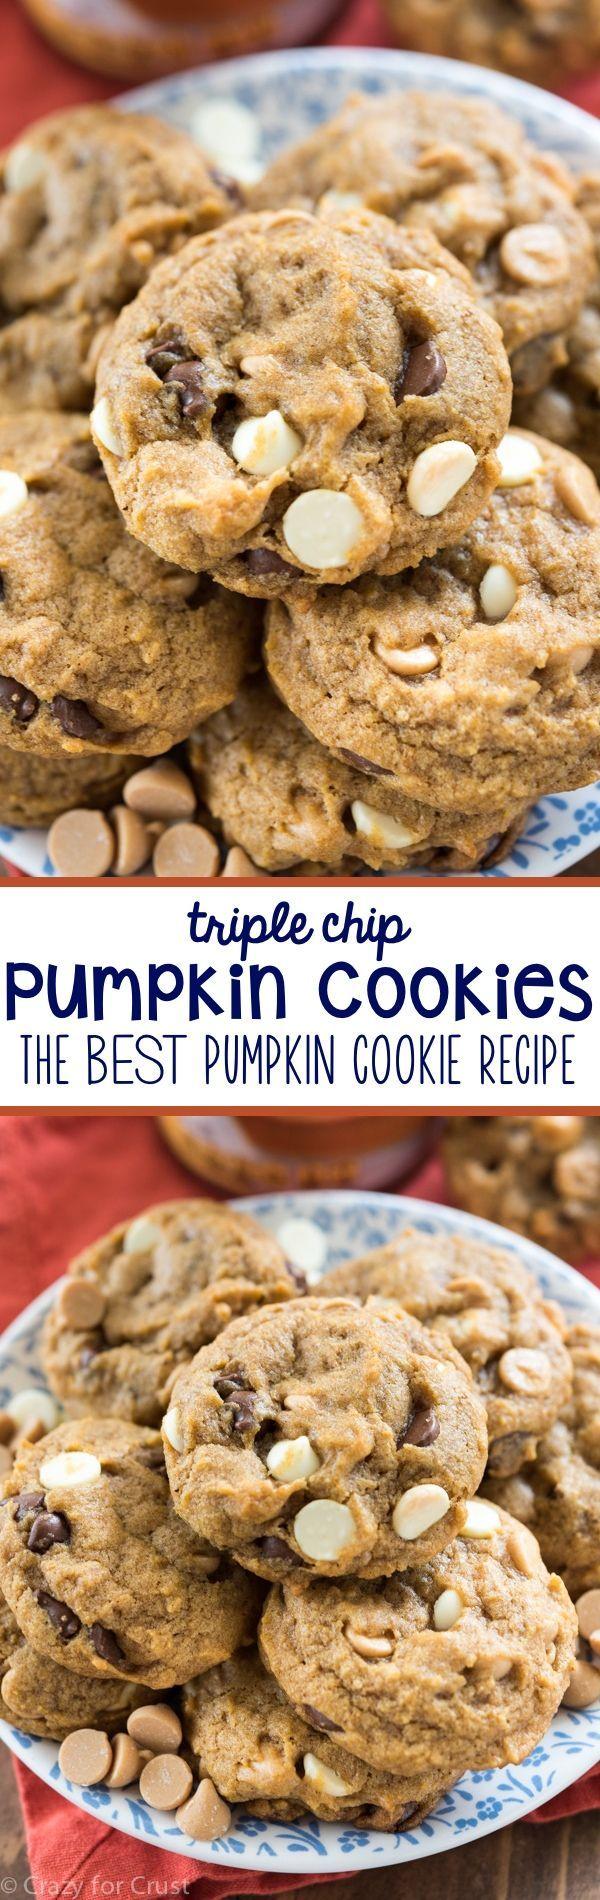 Triple Chip Pumpkin Cookies